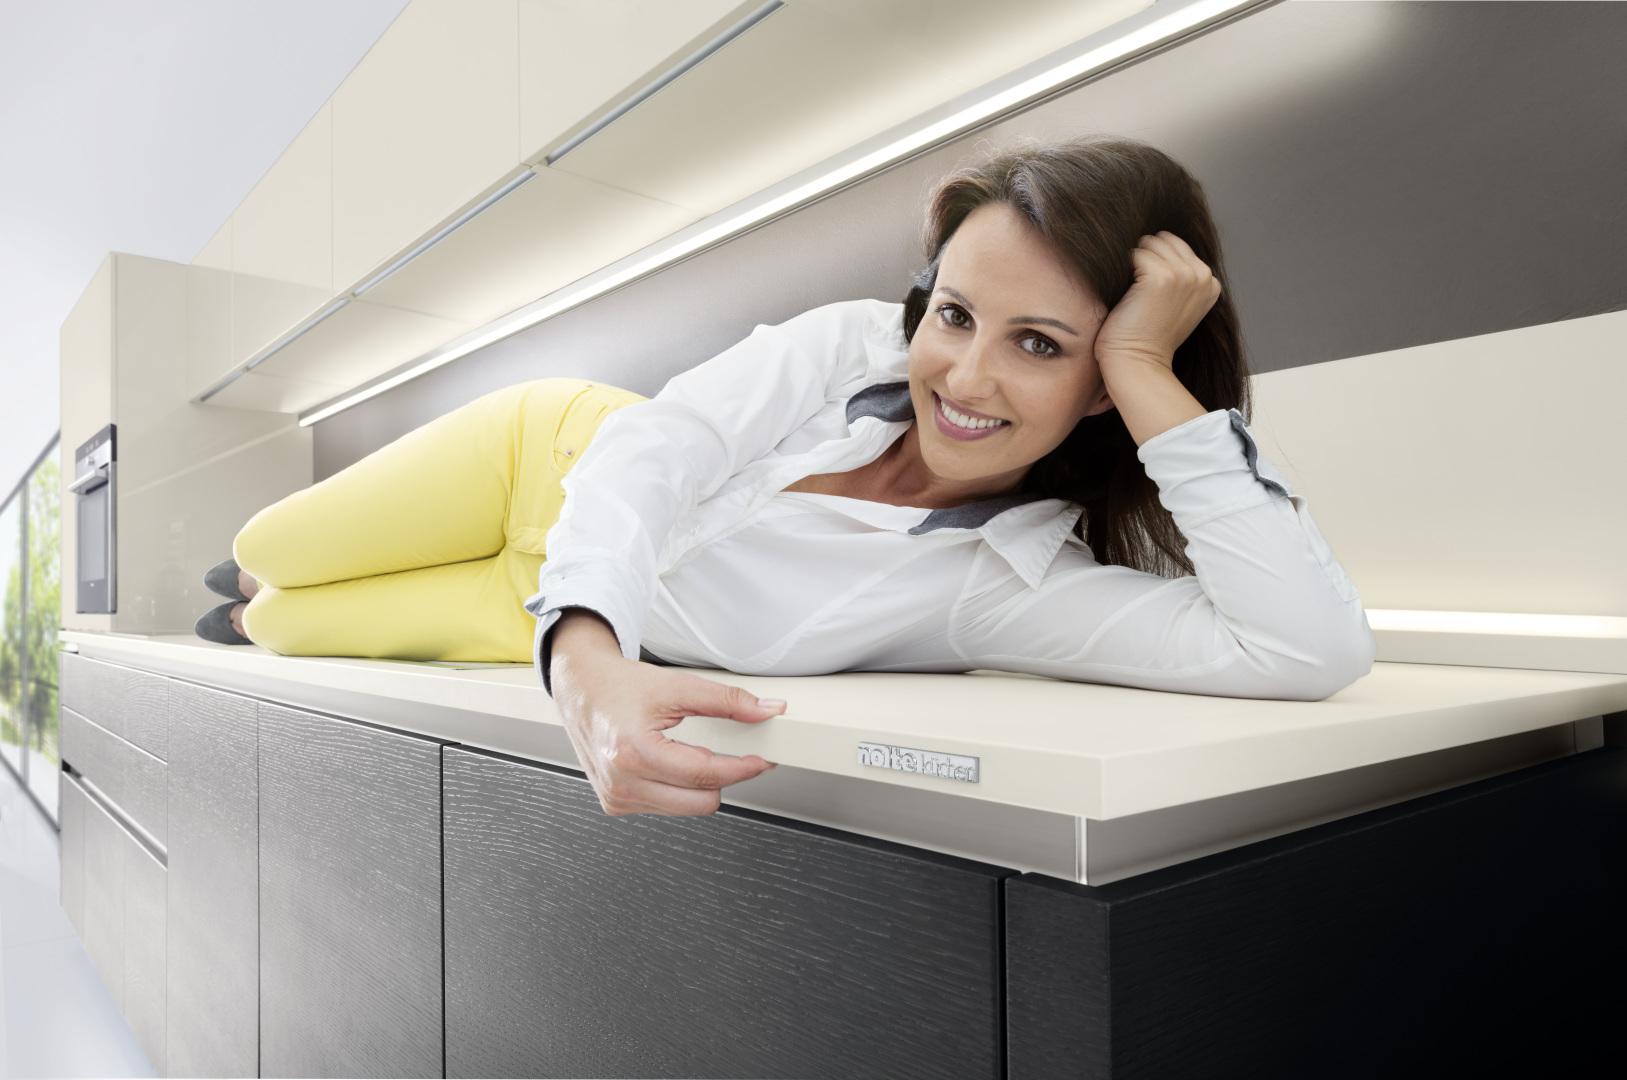 kobietą leżąca na laminowanym blacie kuchennym